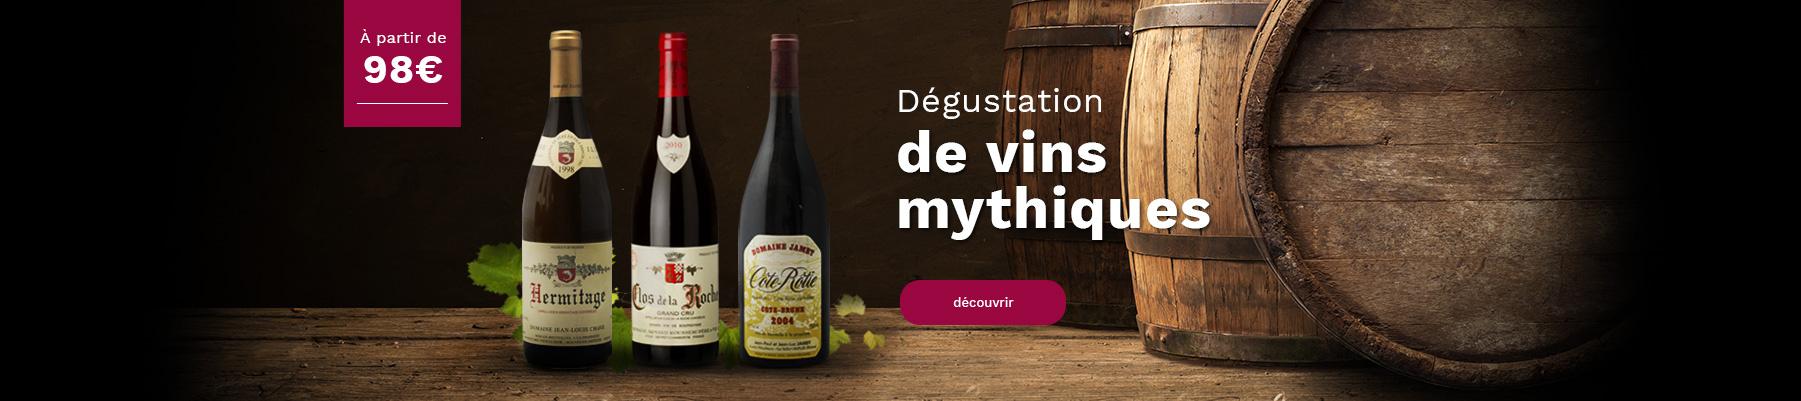 Dégustations de vins mythiques et cours oenologie